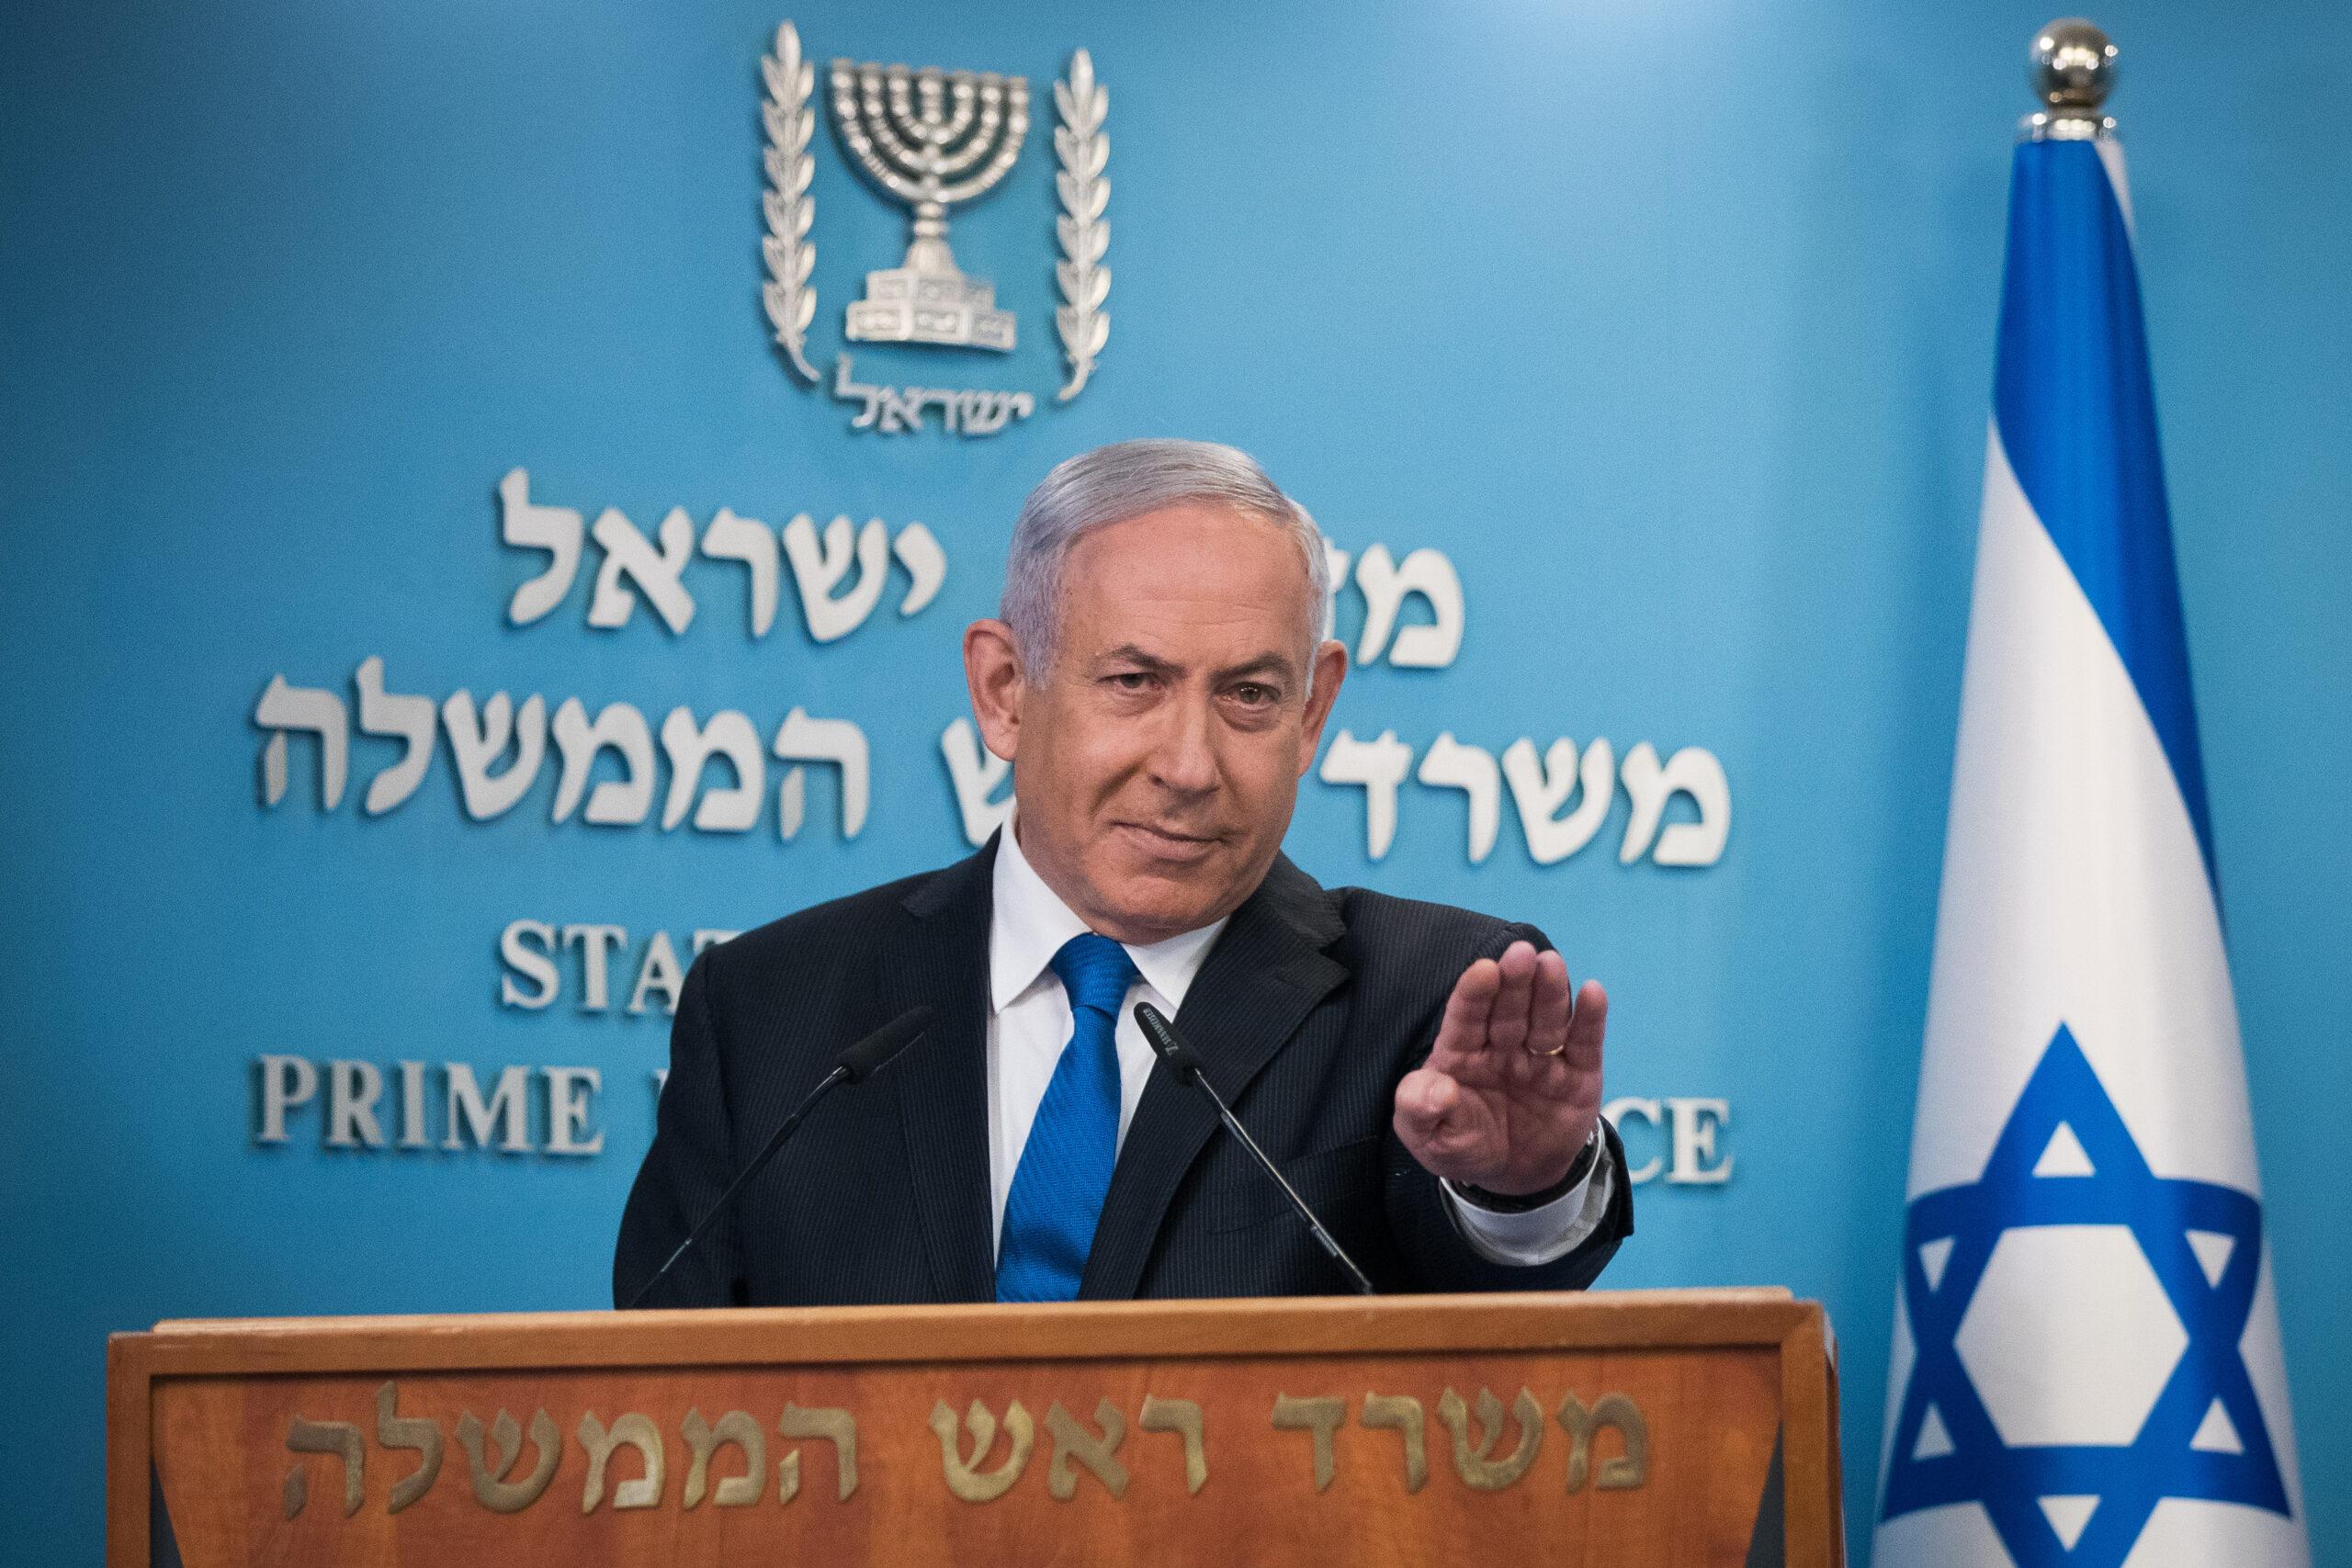 בנימין נתניהו במסיבת עיתונאים בירושלים (צילום: יונתן סינדל/פלאש90)